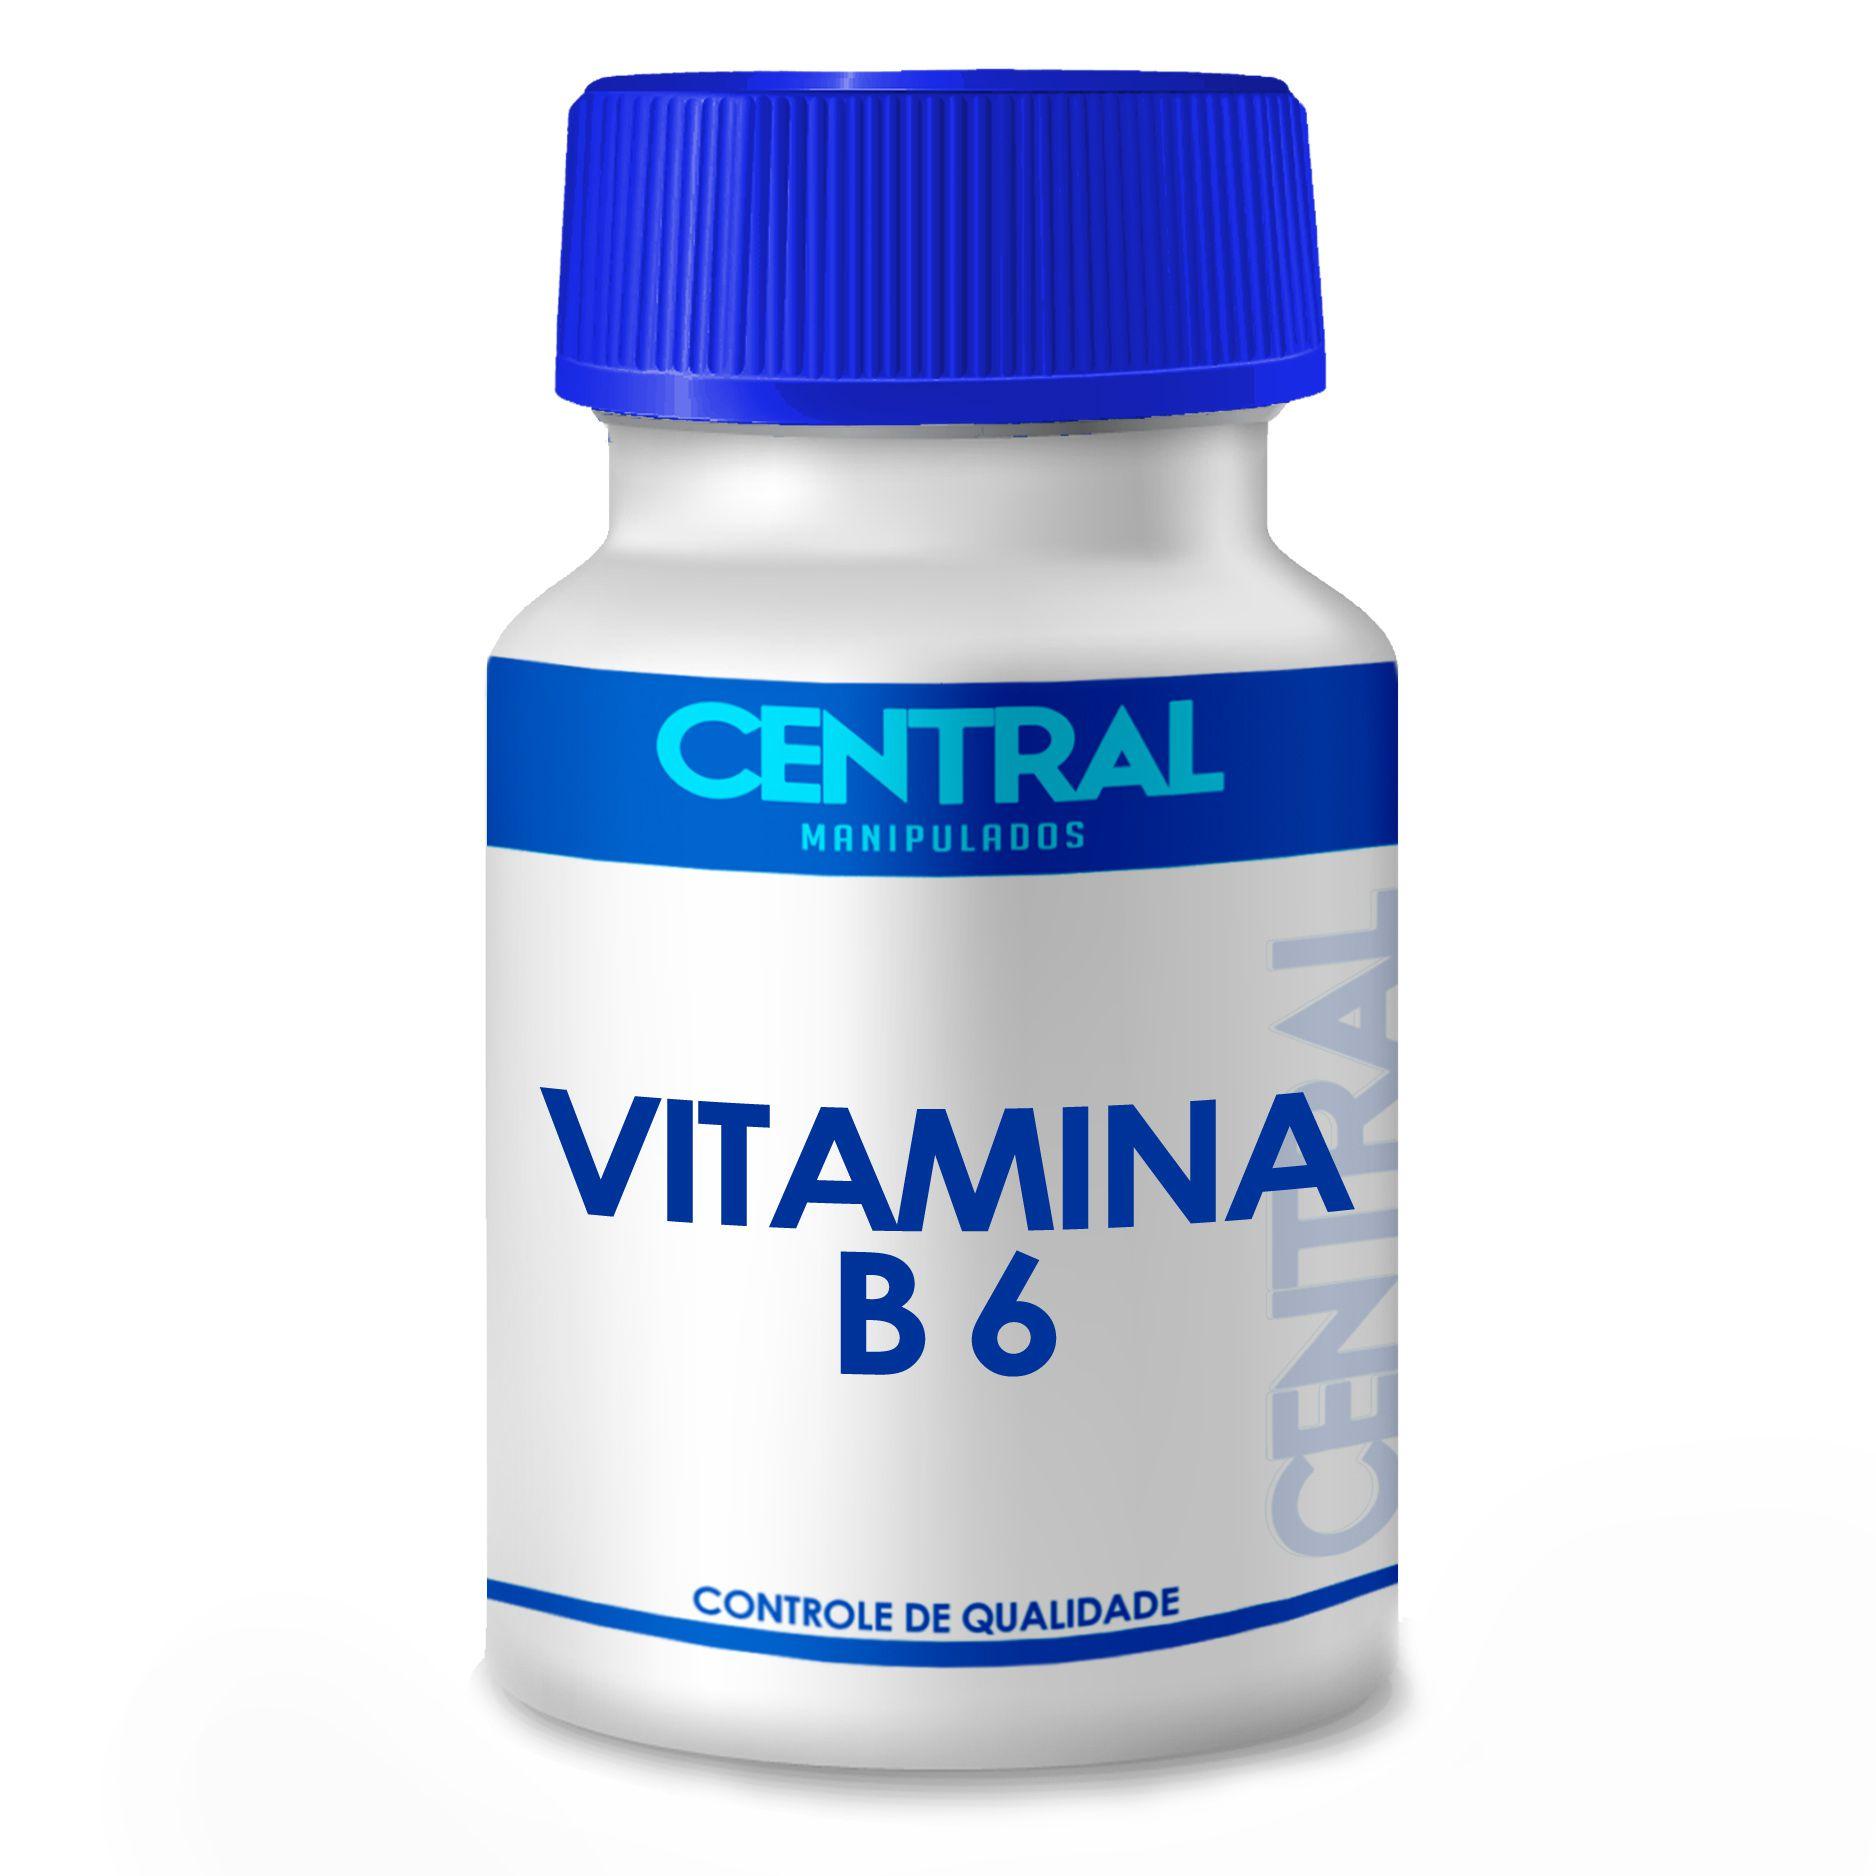 Vitamina B6 - Piridoxina - 100mg 30 cápsulas